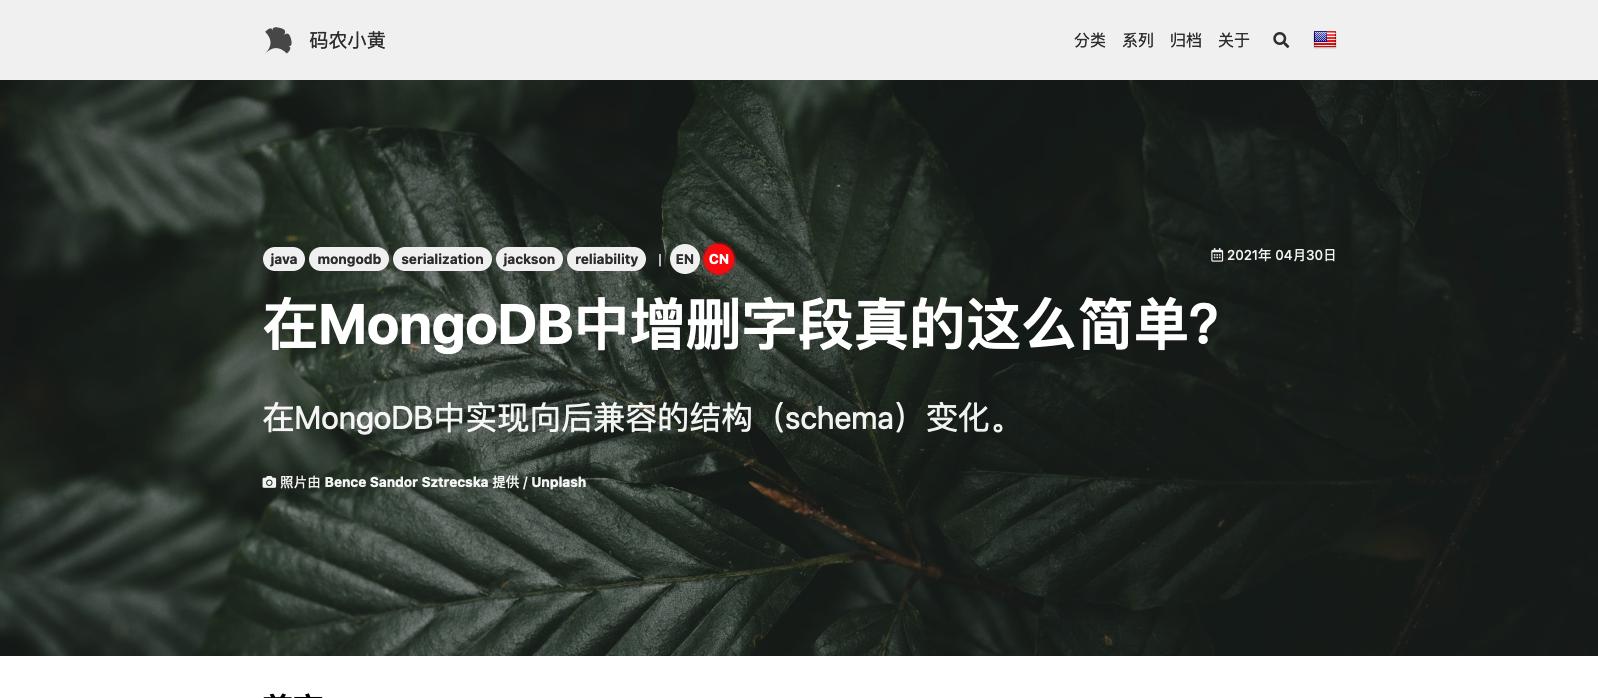 中文文章页面示例